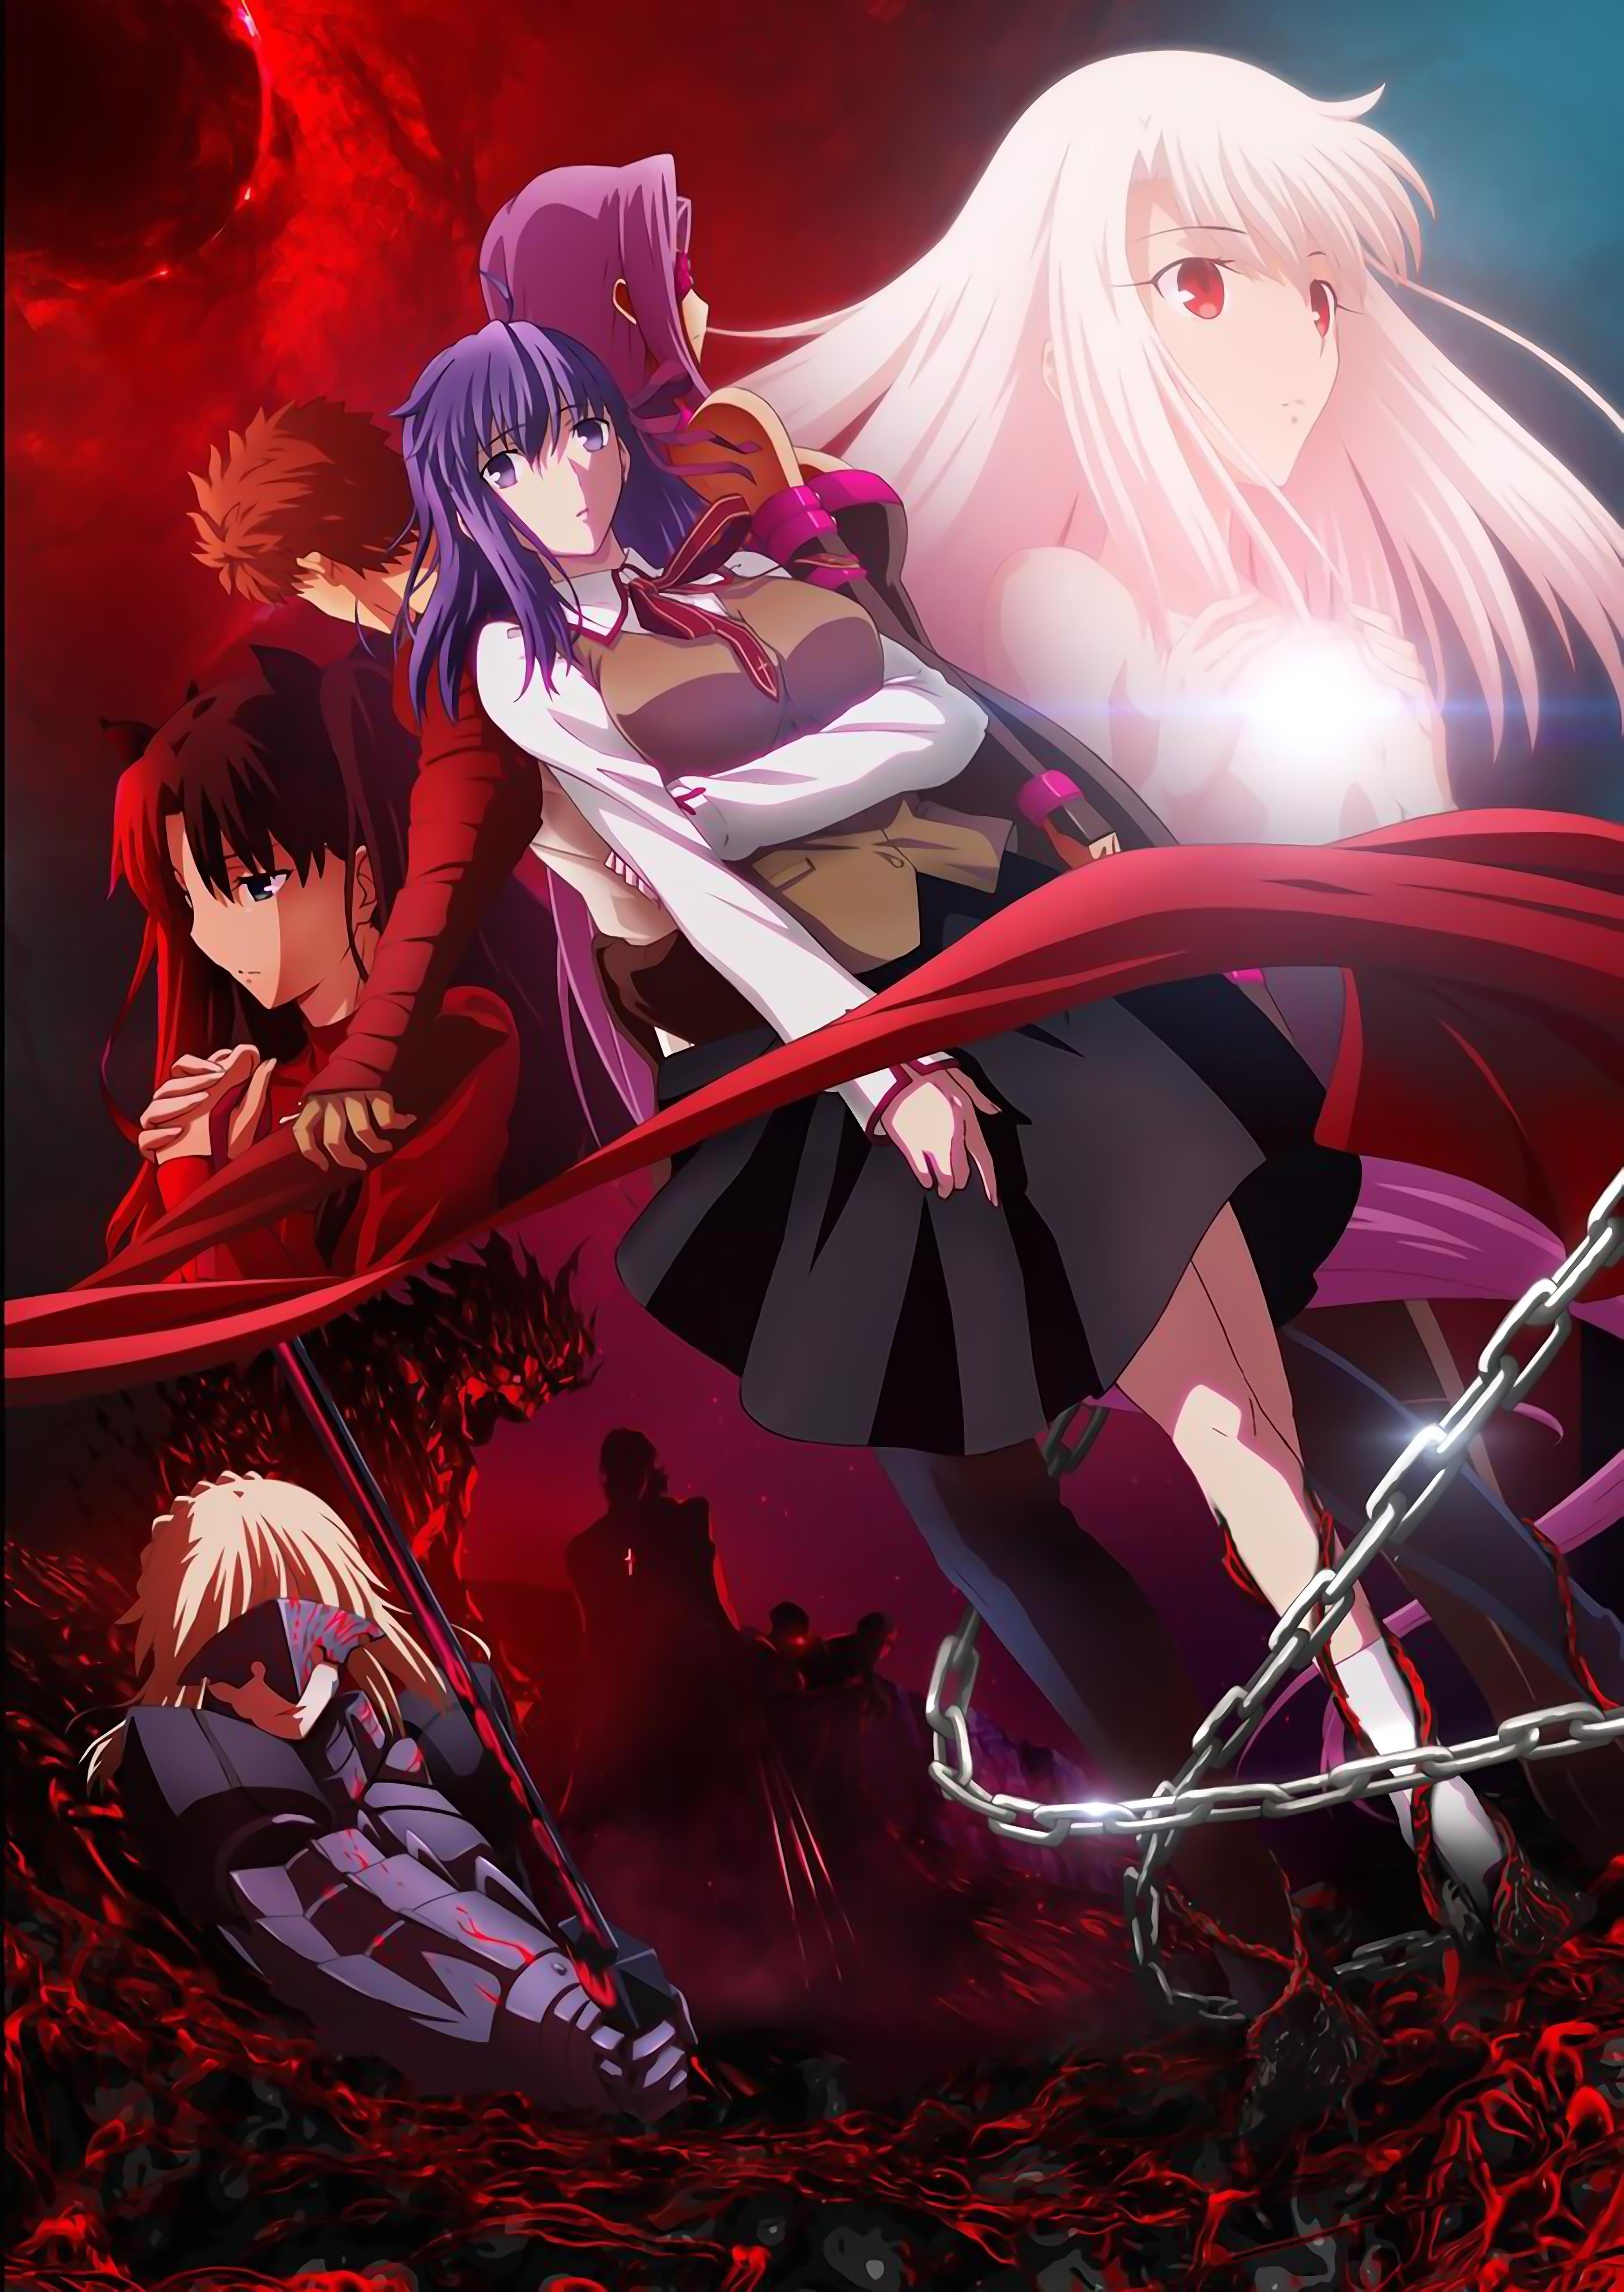 先照着半年的时间等,Fate HF 剧场版第一章先行电影票 2 月 18 日发售